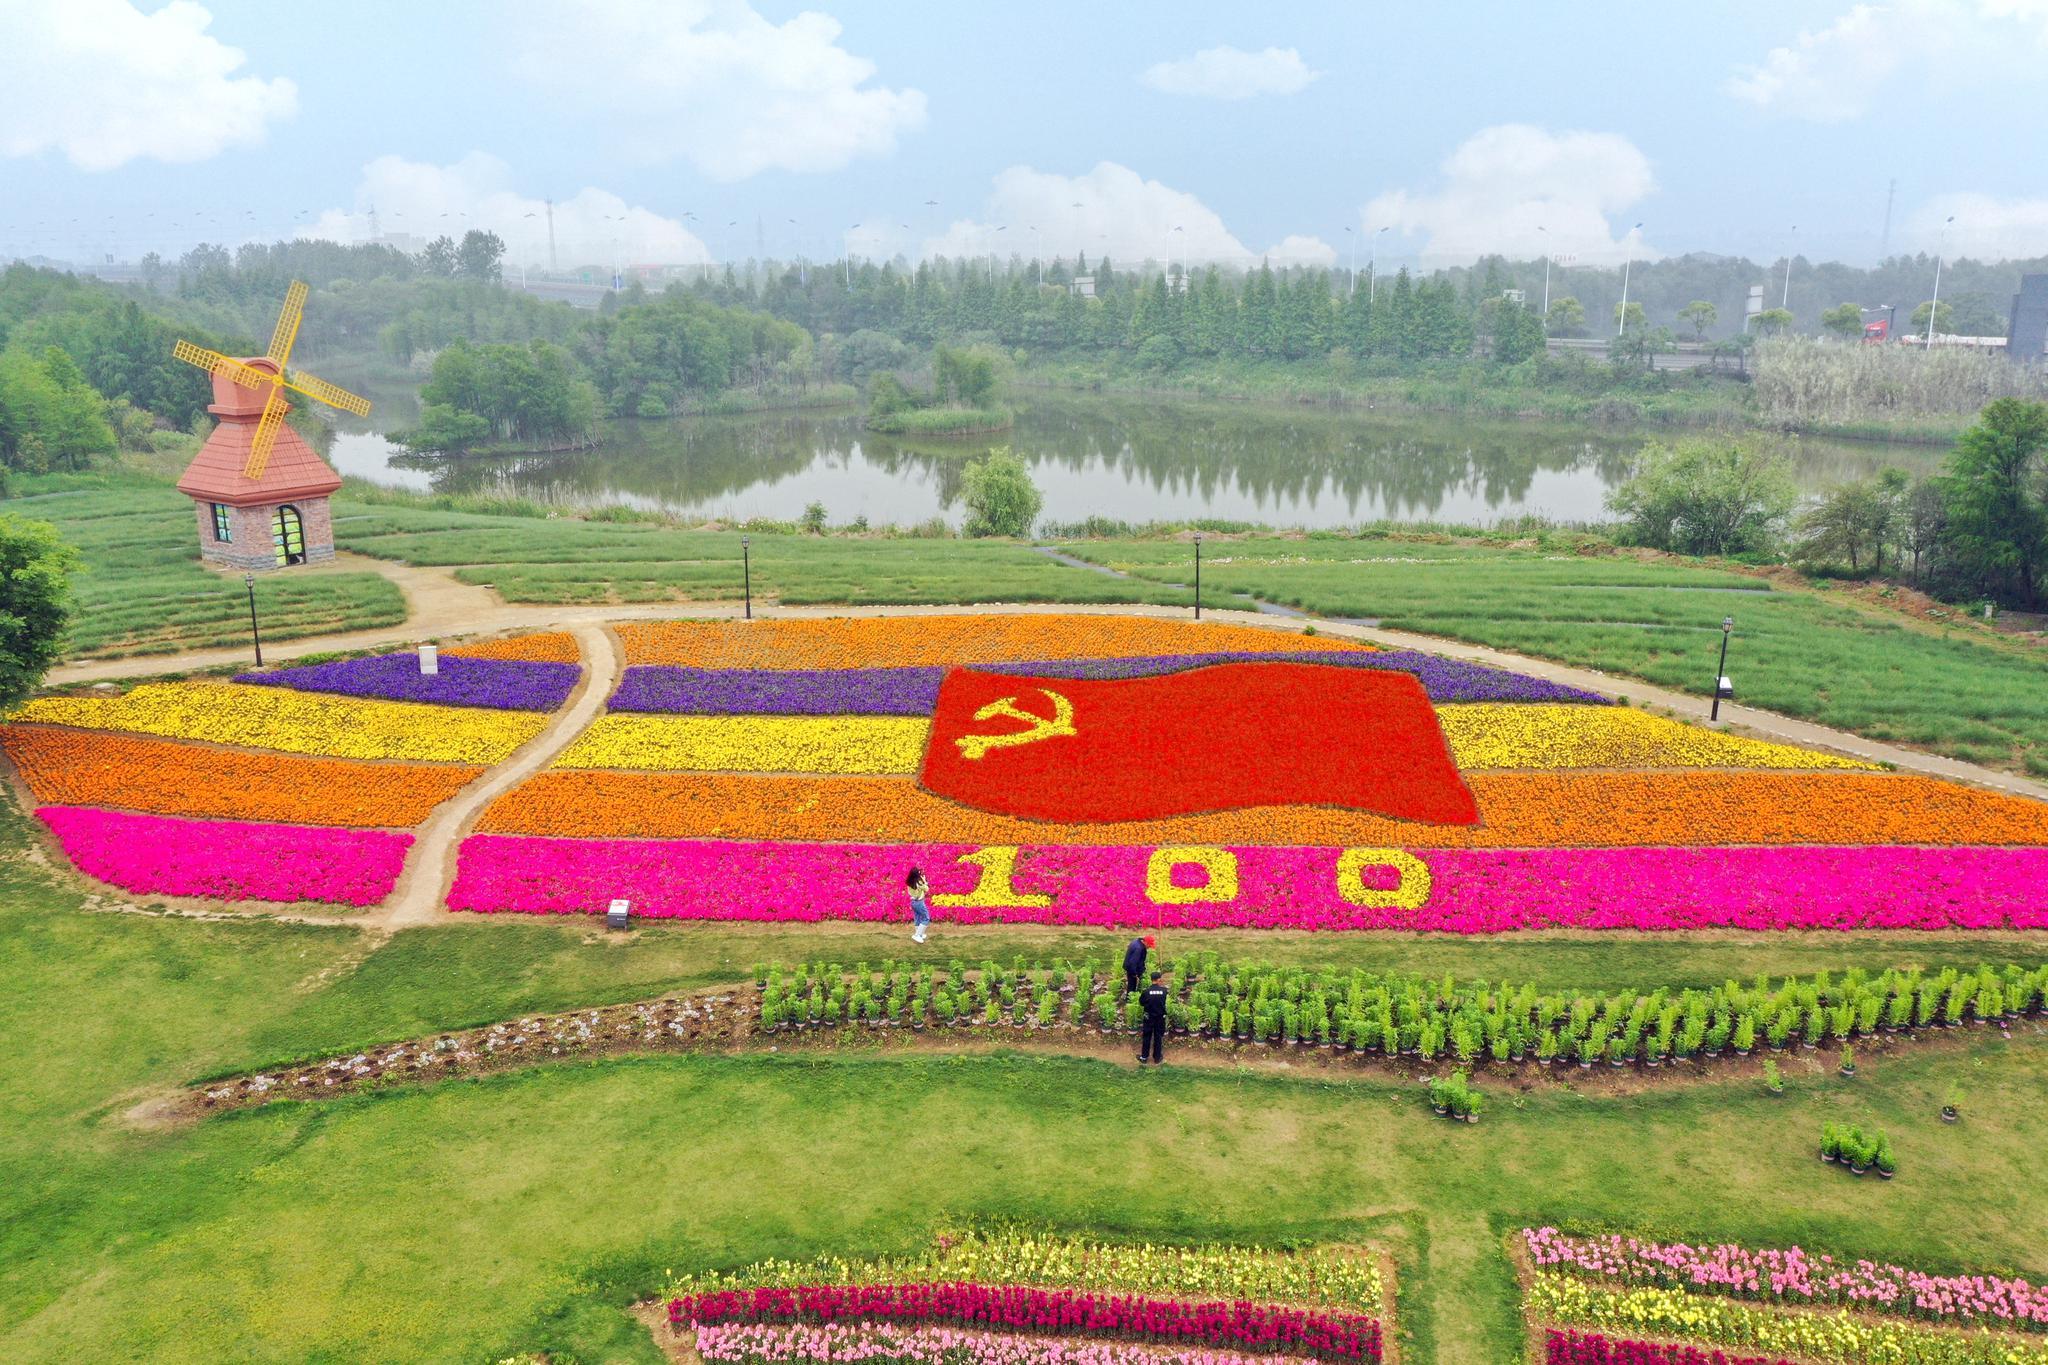 杭州湾海上花田景区的党旗花海成为打卡地